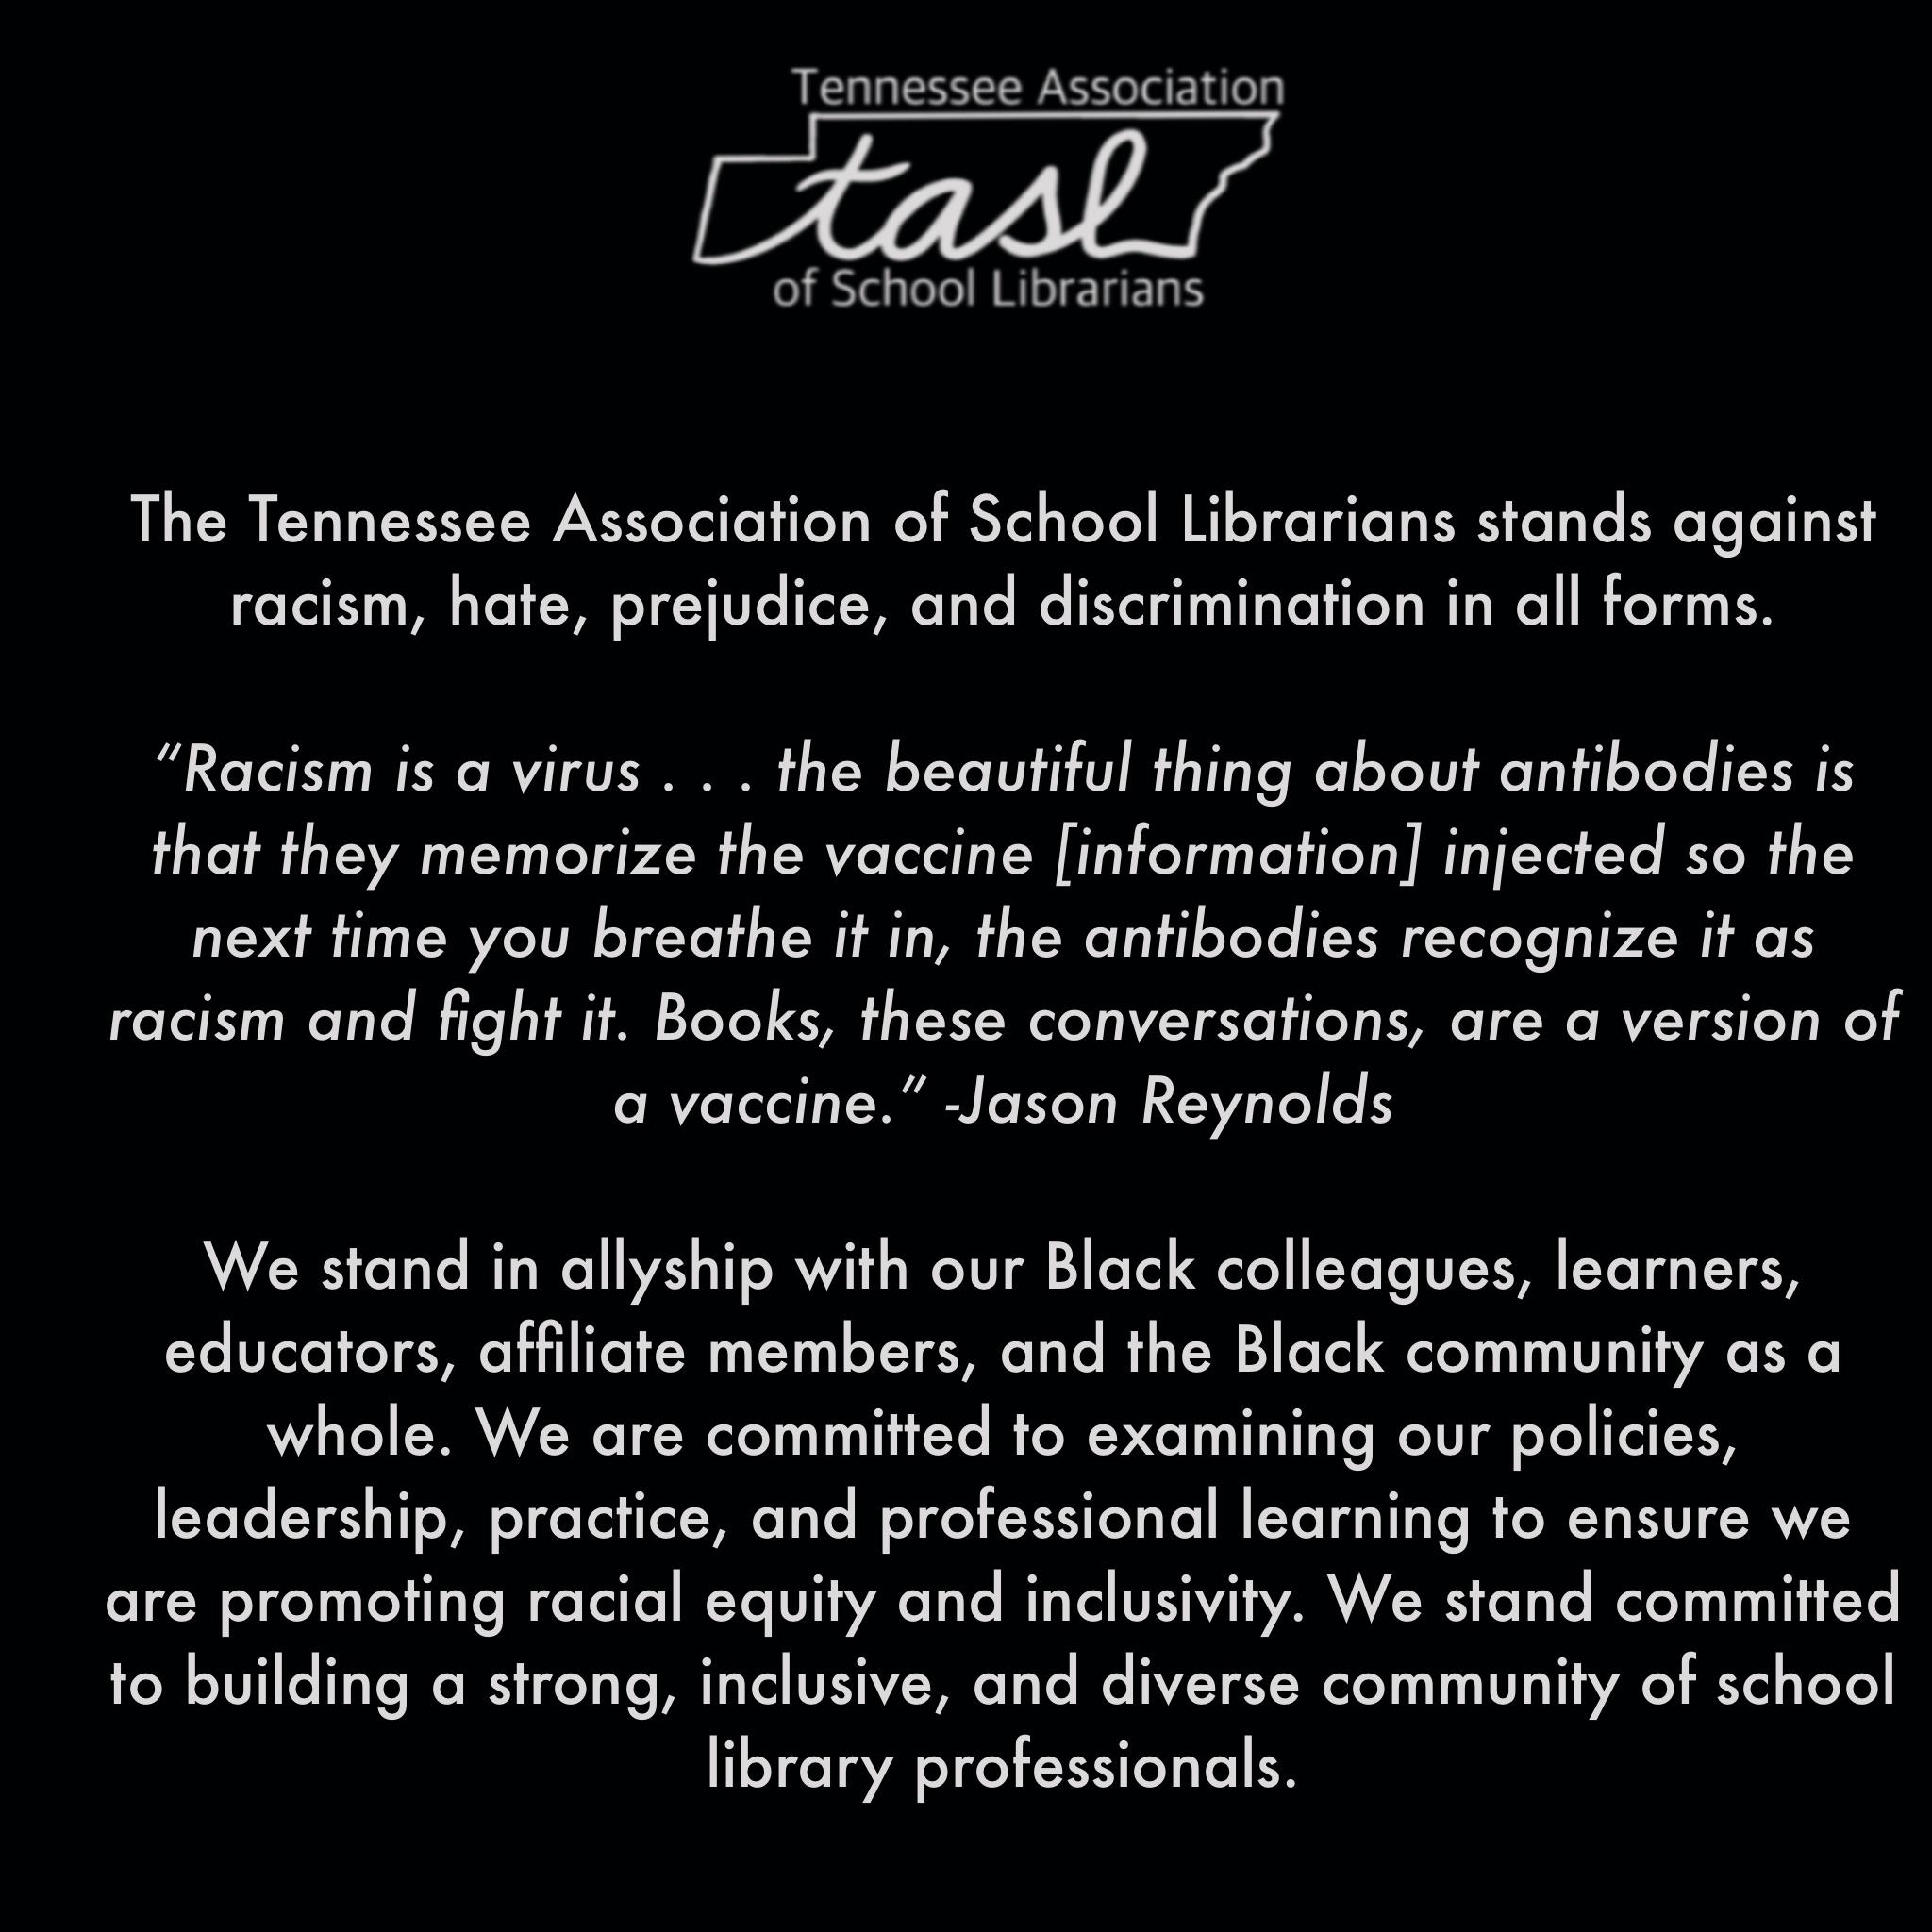 TASL Anti-Racism Statement